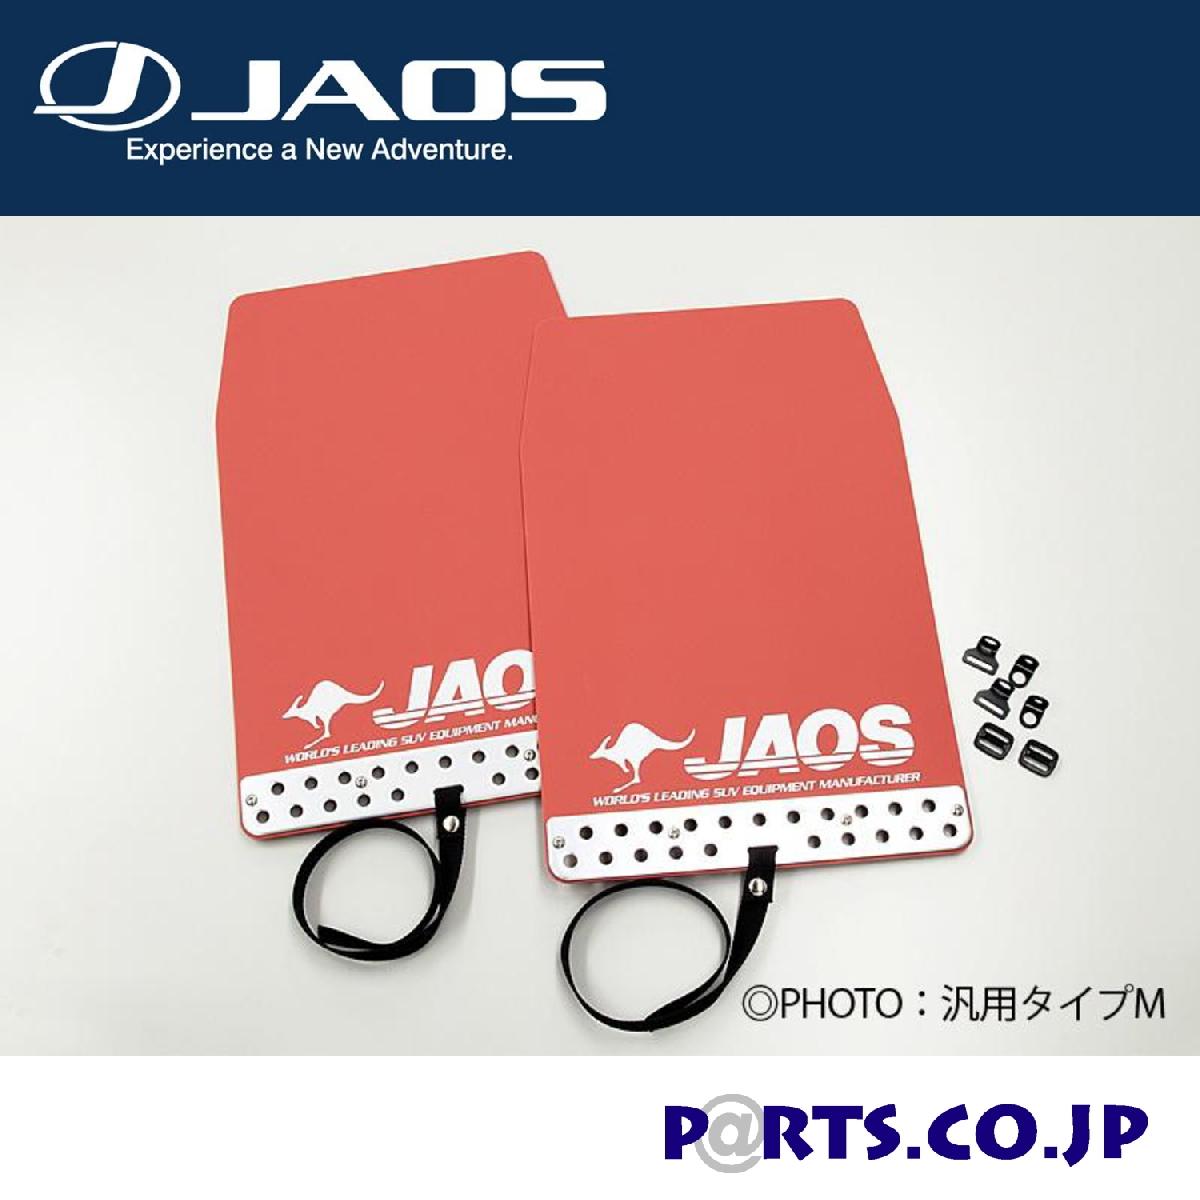 日産 エクストレイル フェンダー JAOS マッドガード3 フロントセット レッド エクストレイル 32系